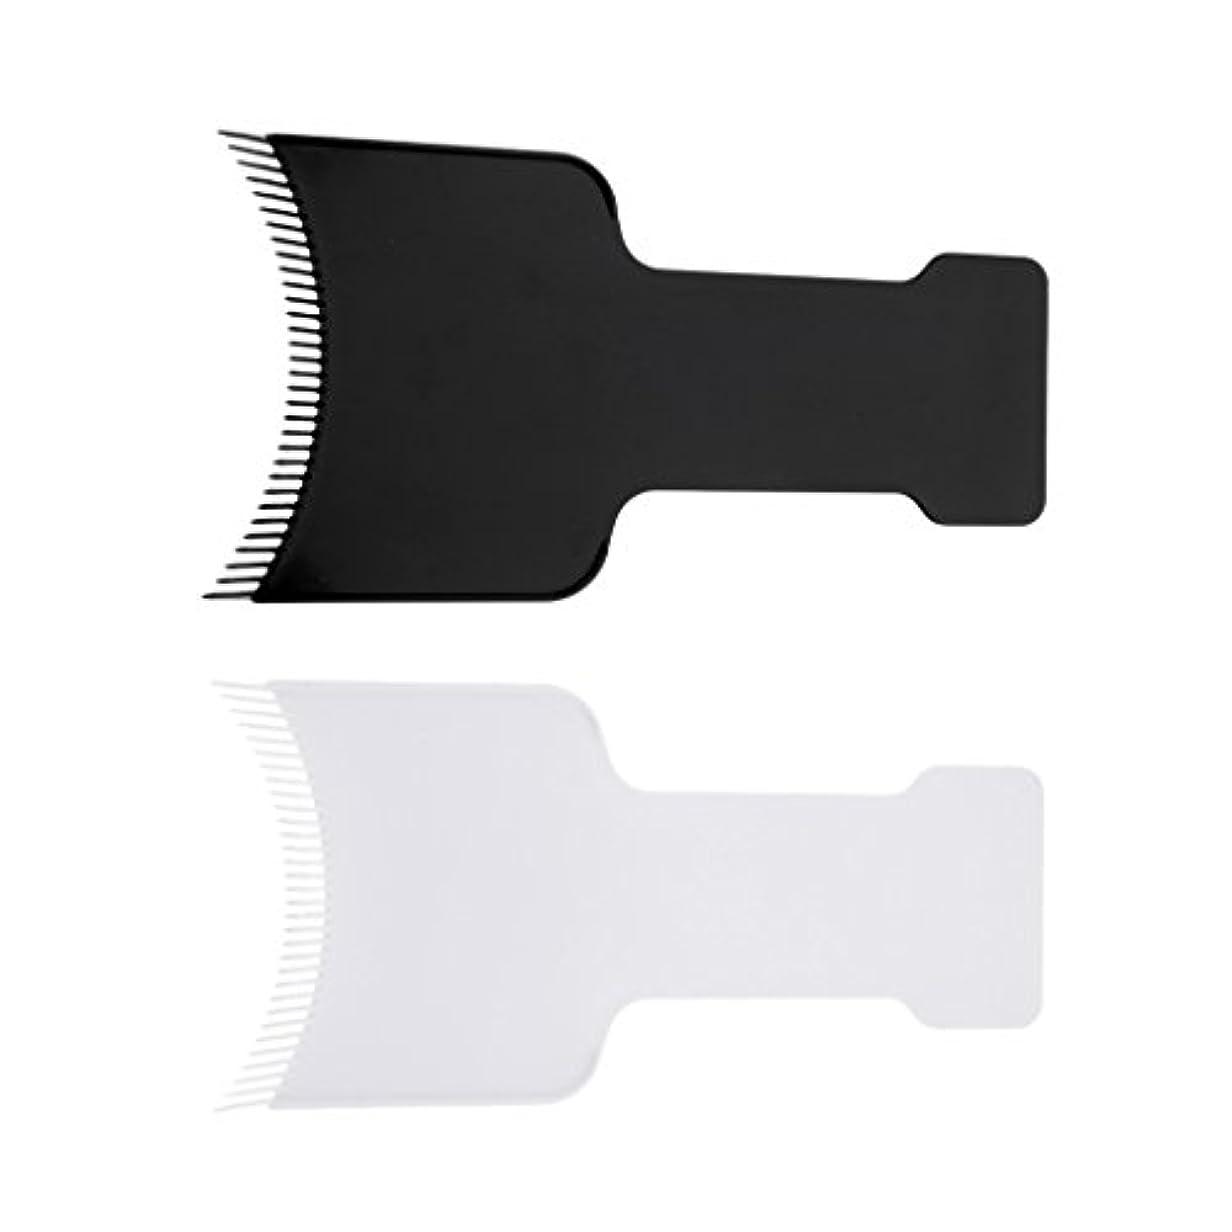 黙保護バイソンヘアカラーボード 染色プレート ヘアダイティント 美容ツール 2本